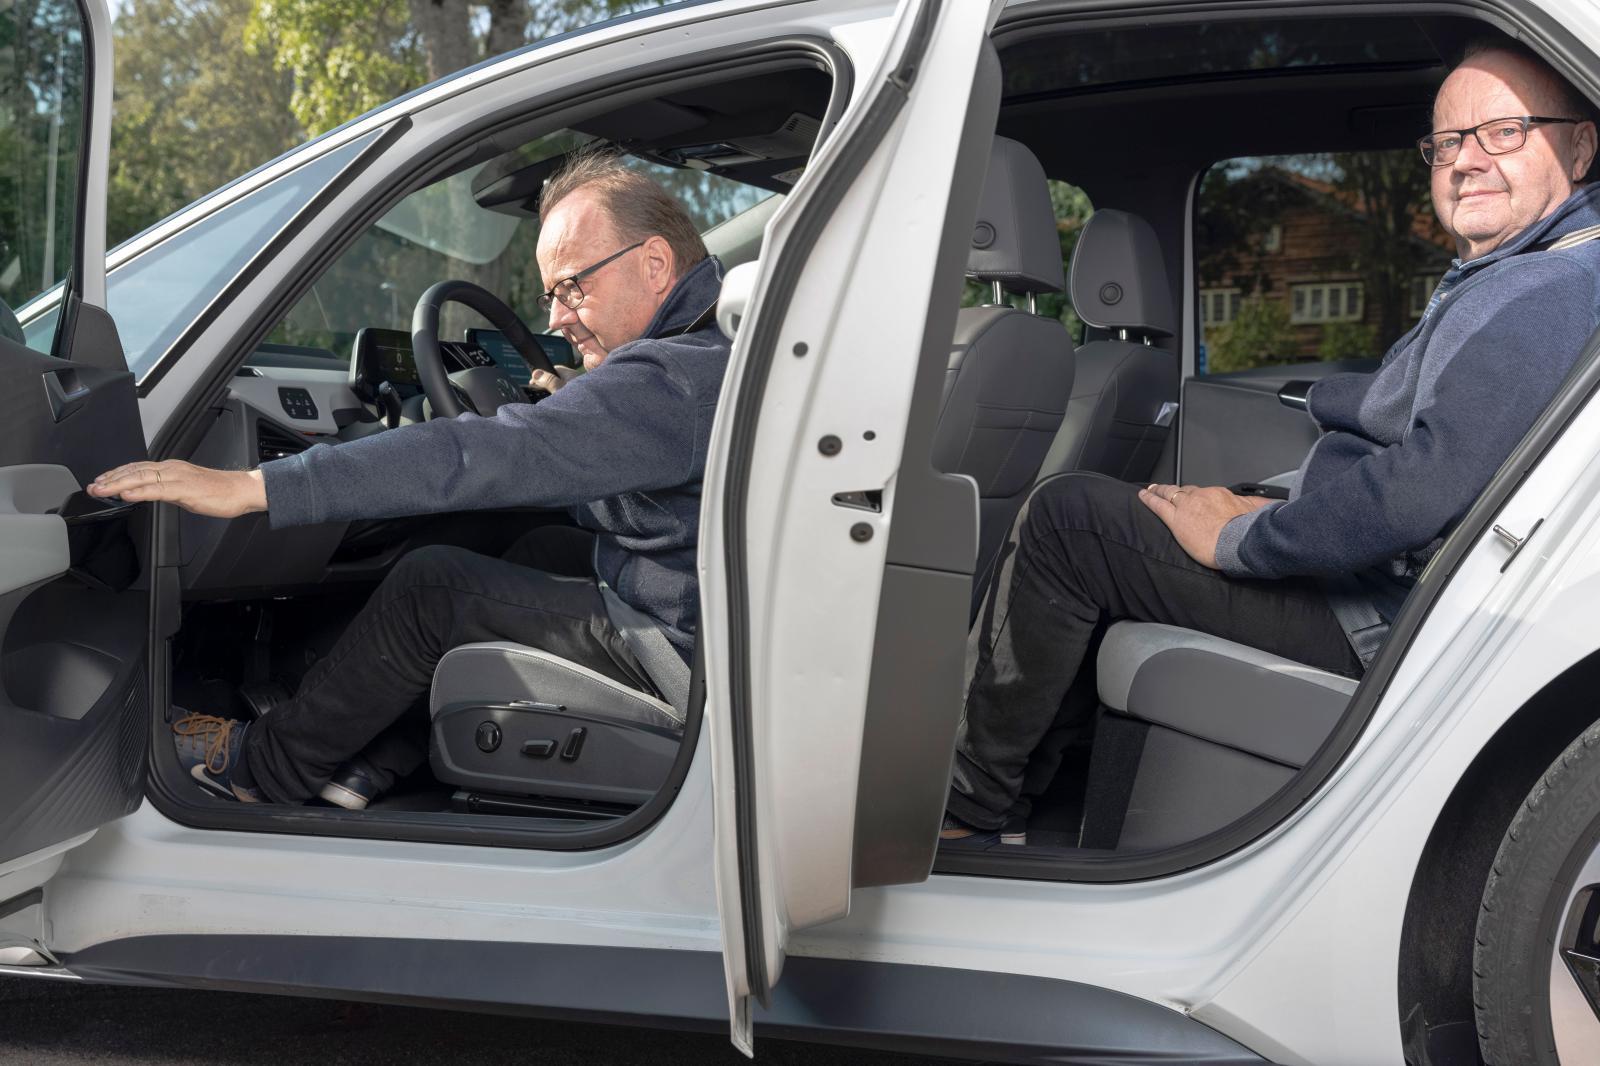 Generösa dörröpppningsvinklar är en av fördelarna med ID.3-karossen. I baksätet ges gott om plats och den höga sittpositionen betyder fin överblick framåt. Det galonartade materialet på framstolarnas ryggstöd känns billigt och stoppningen håller inte sedvanlig VW-klass.